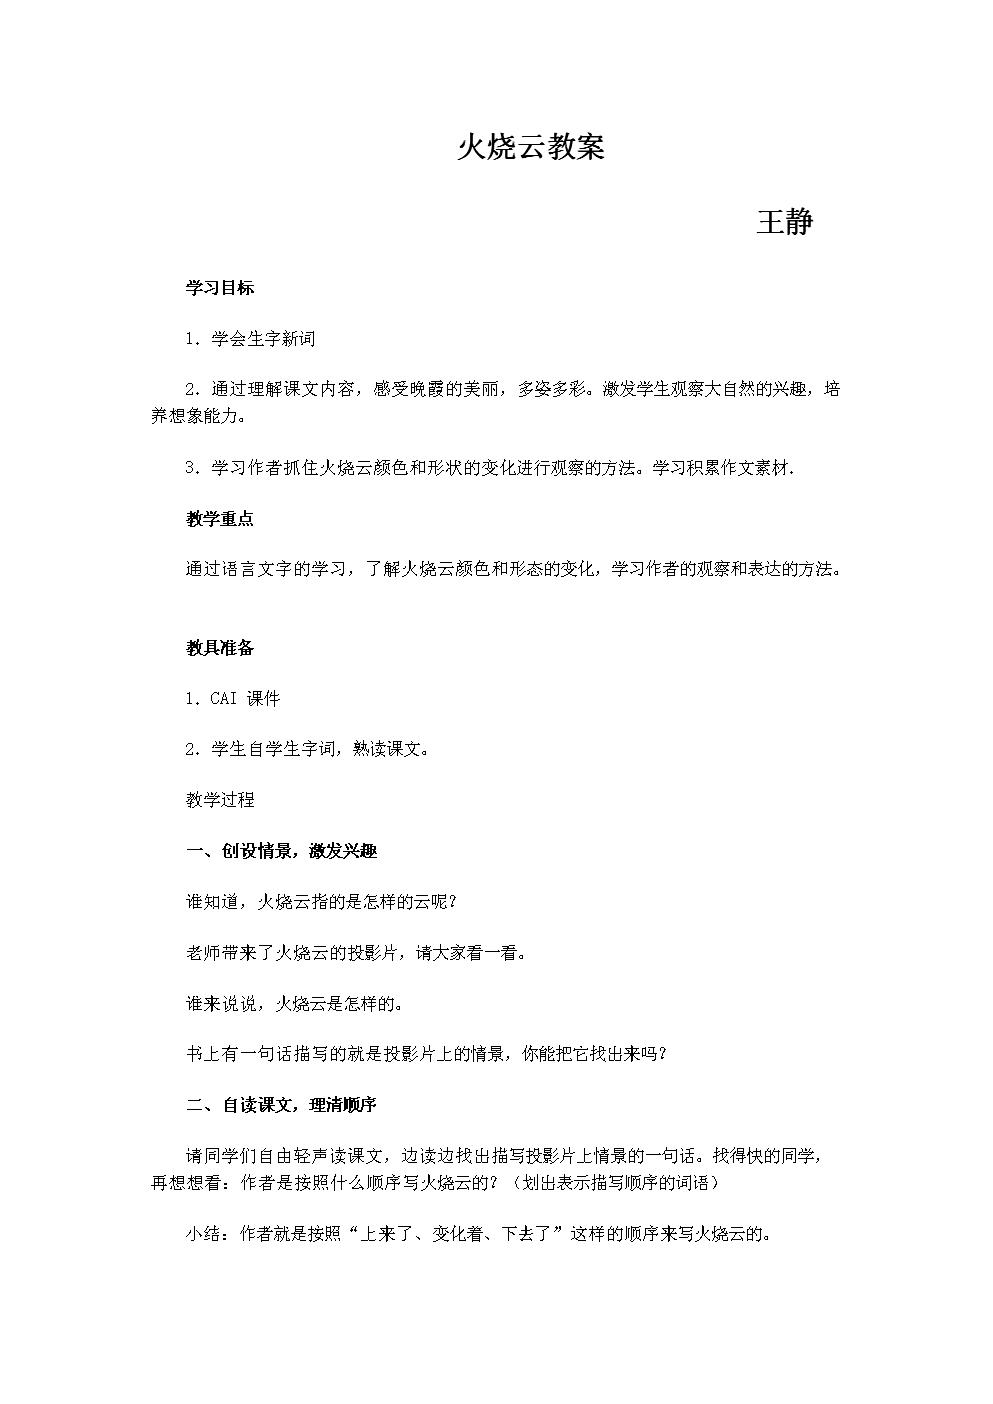 新火烧云教案.doc图片